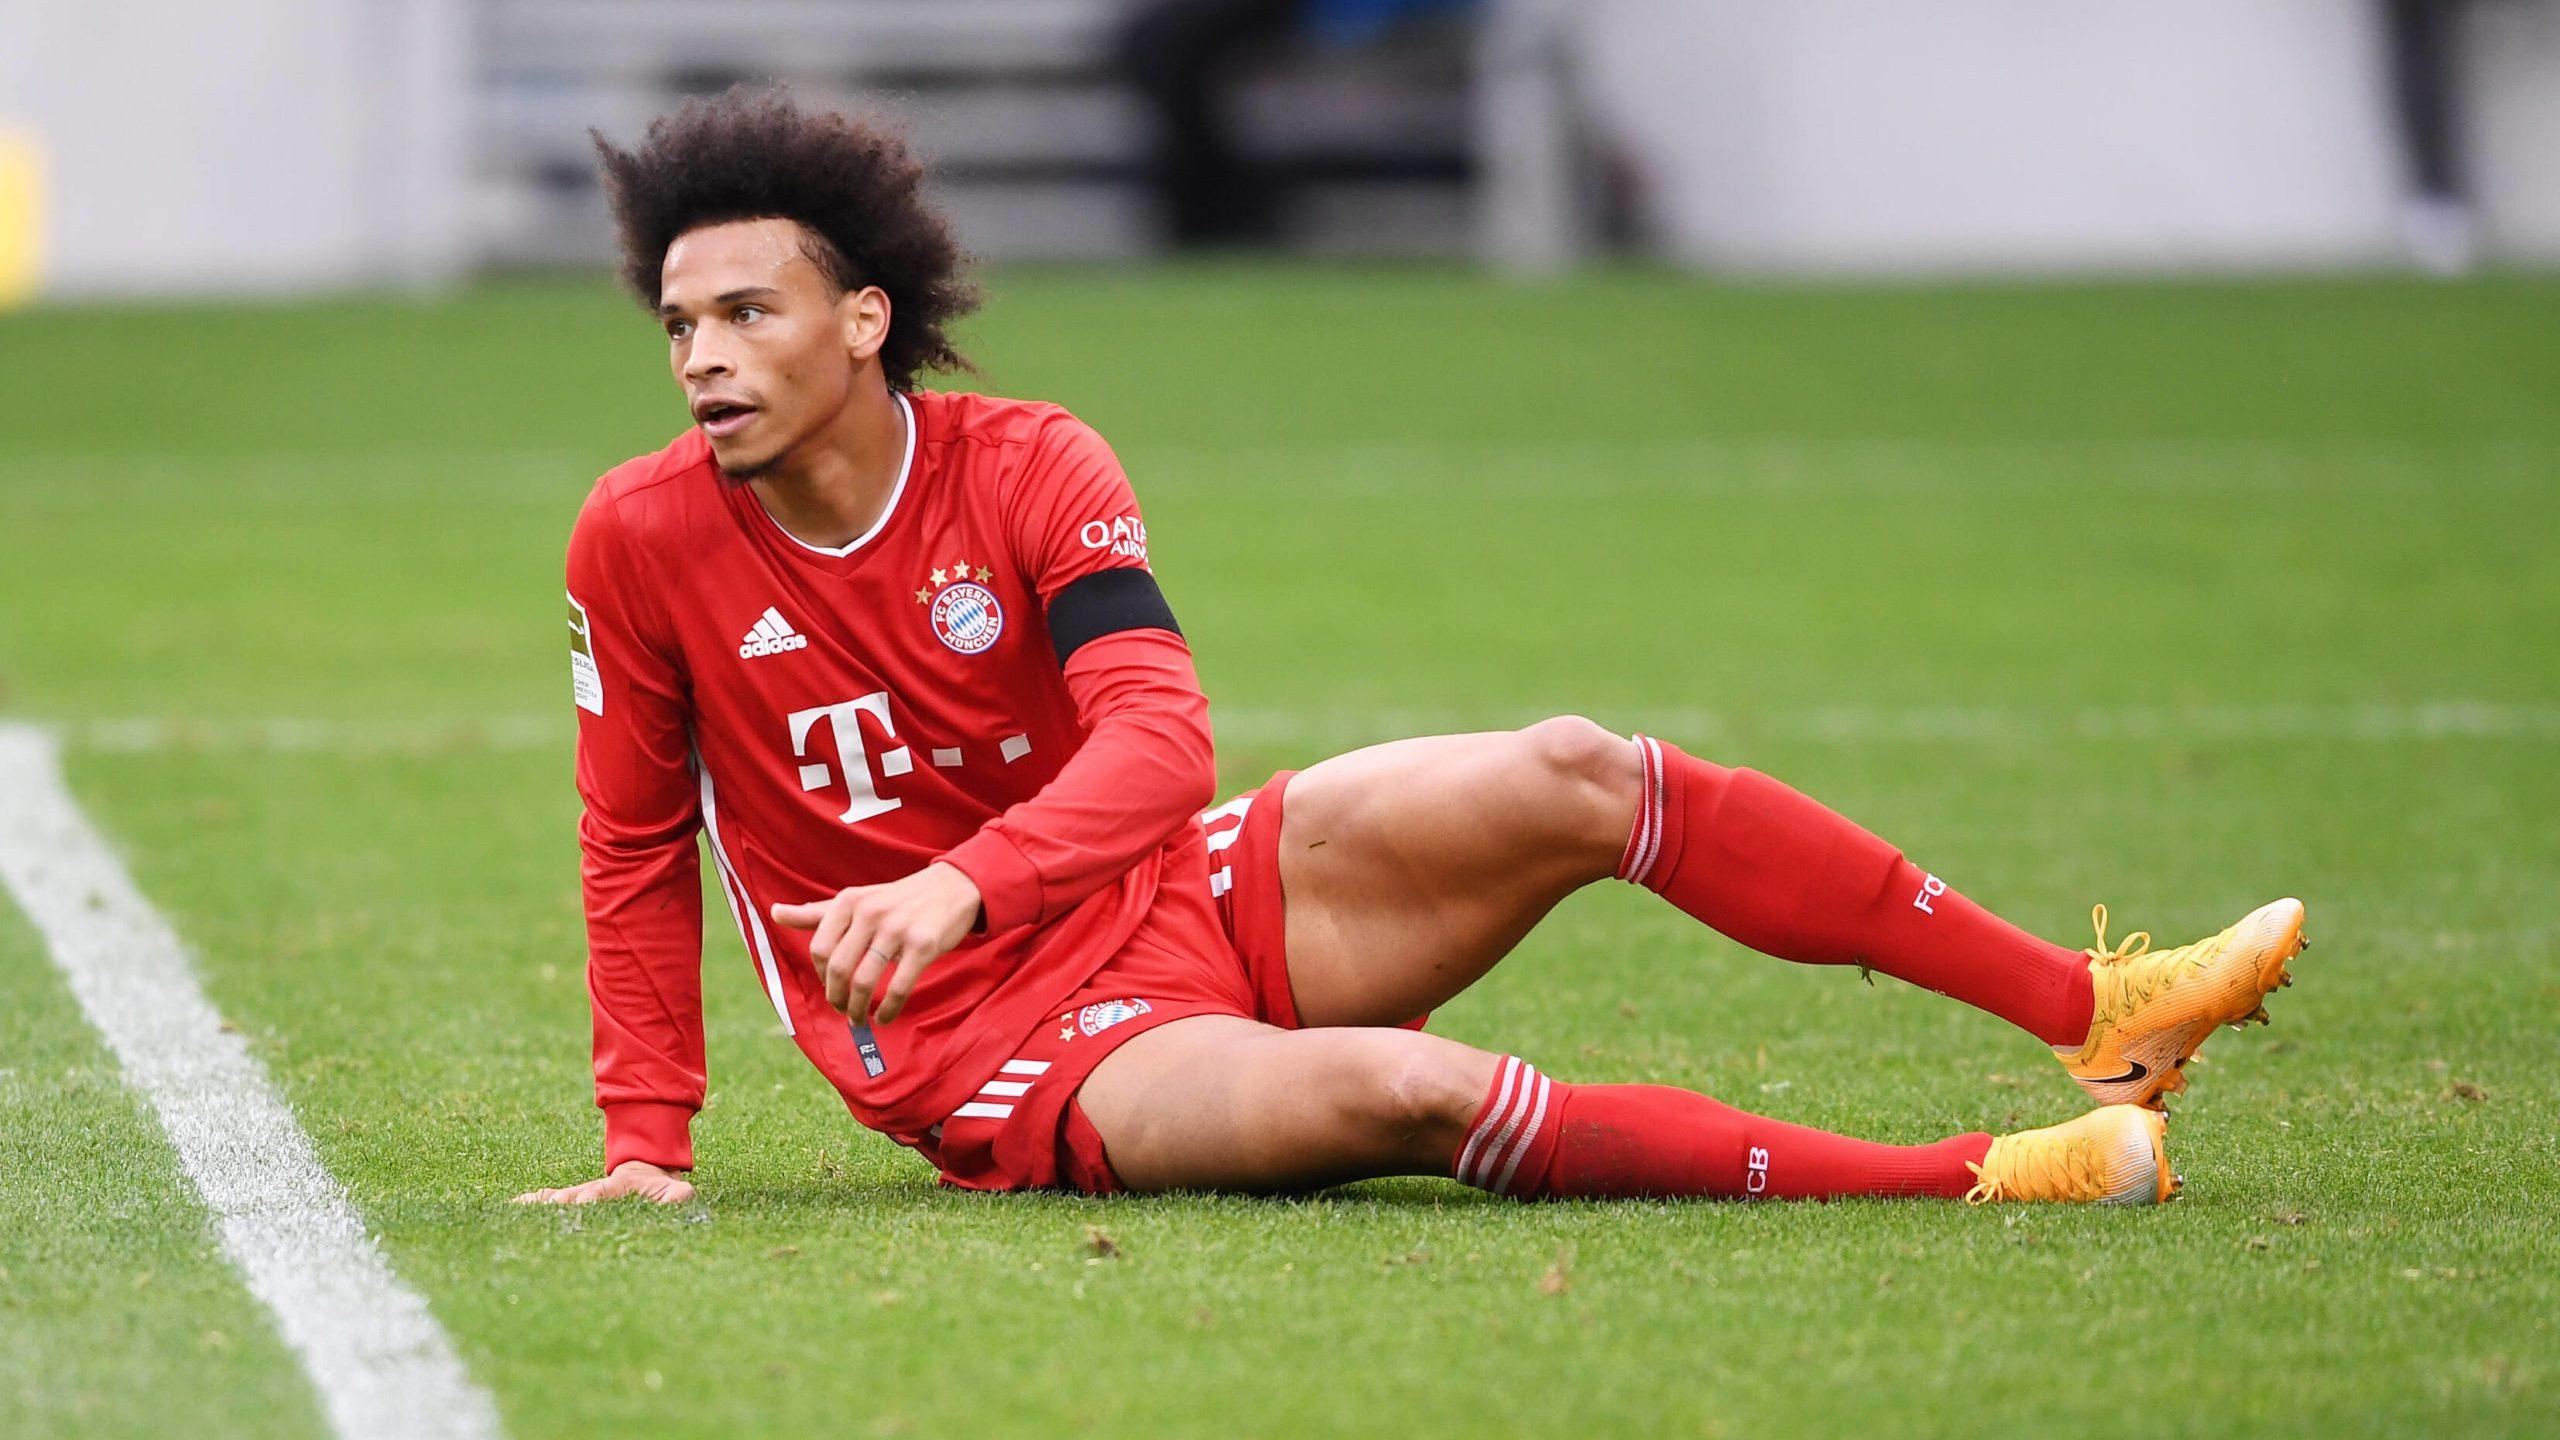 Bundesliga Leroy Sane Fehlt Bayern Munchen Wegen Einer Knieverletzung